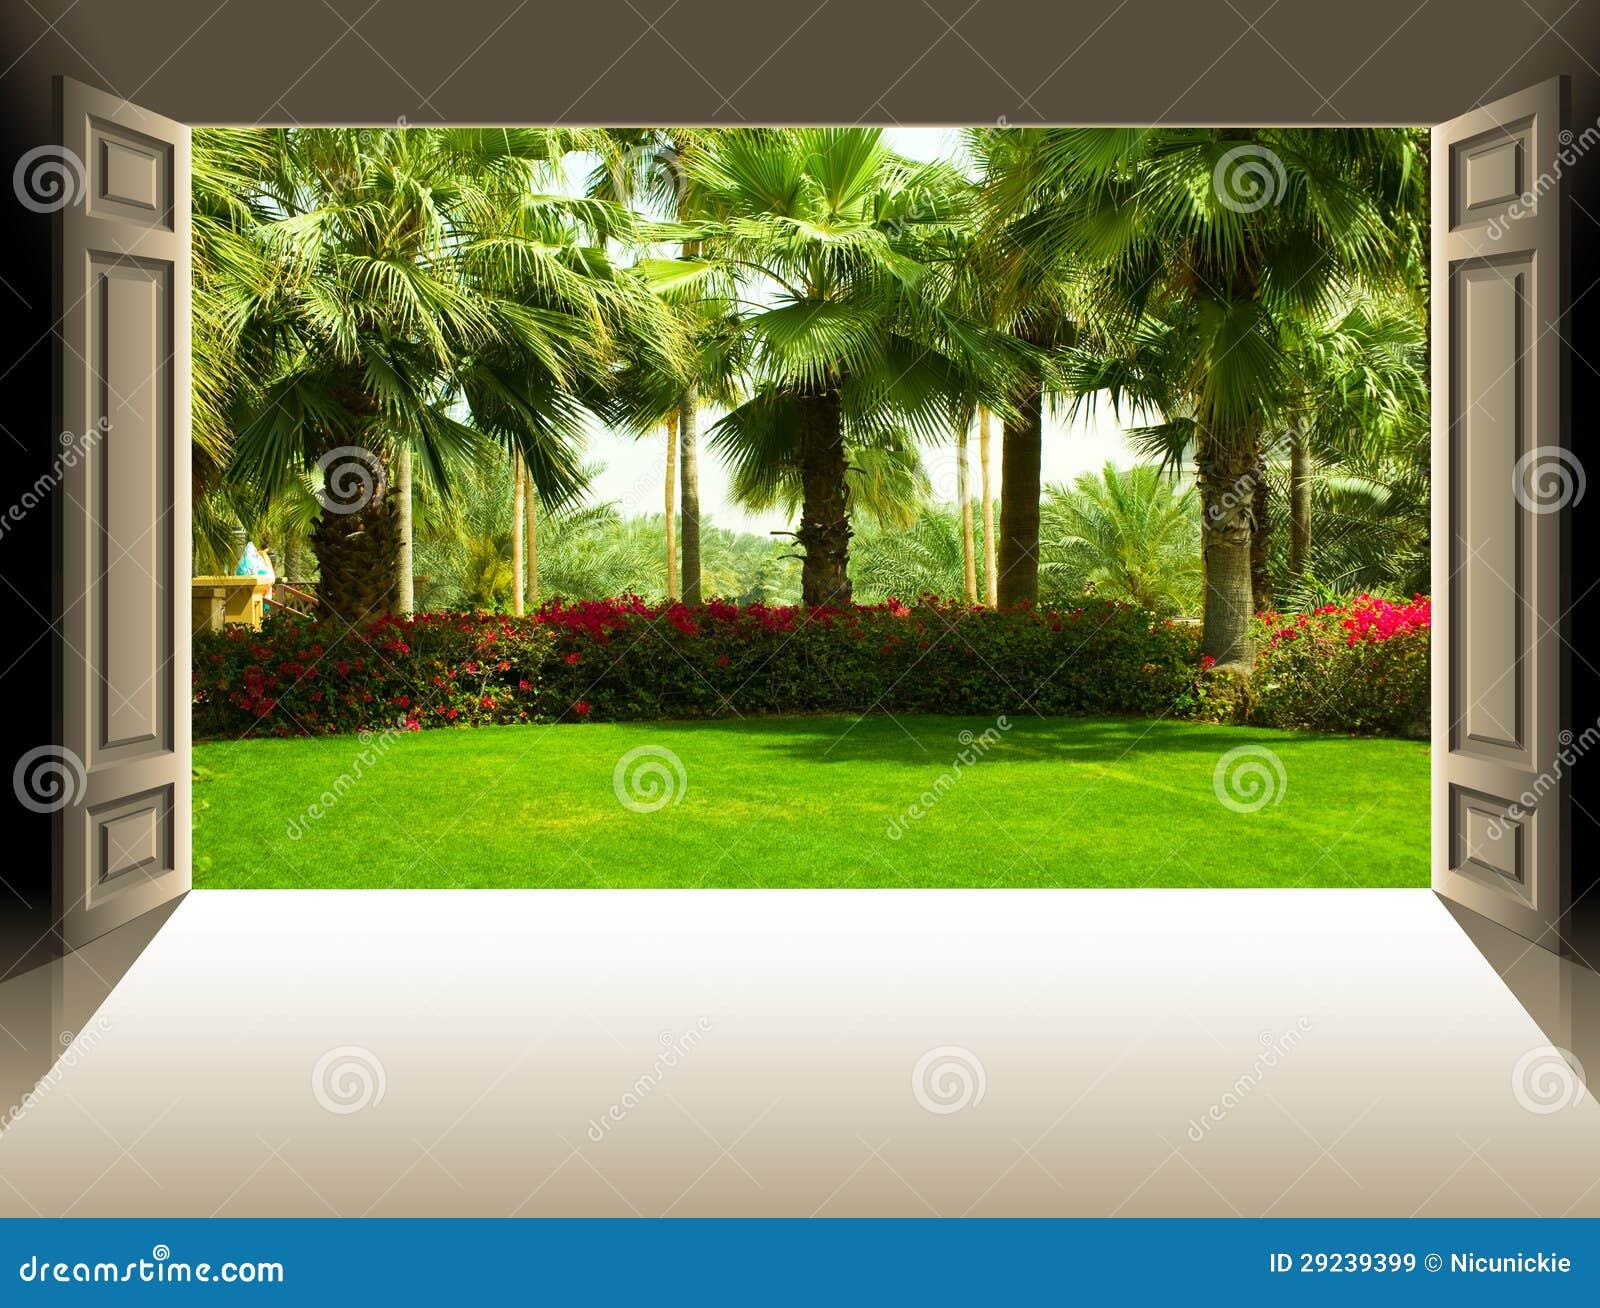 Download As portas abrem imagem de stock. Imagem de liberdade - 29239399